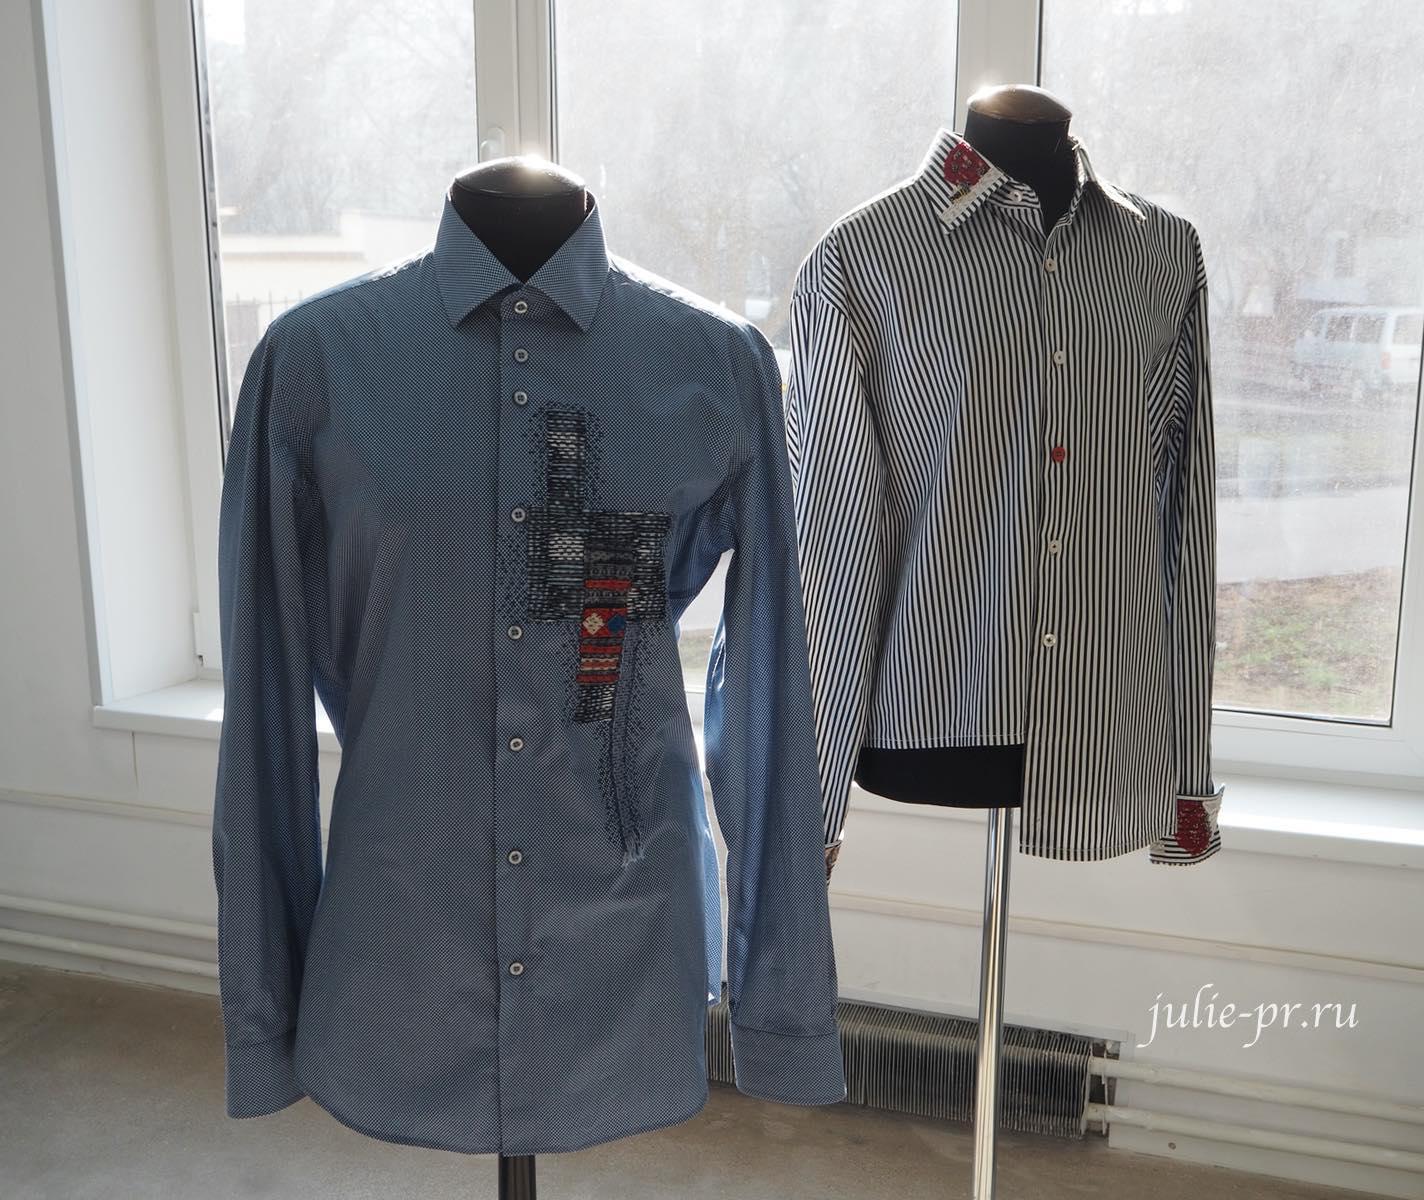 Вышивка на рубашках